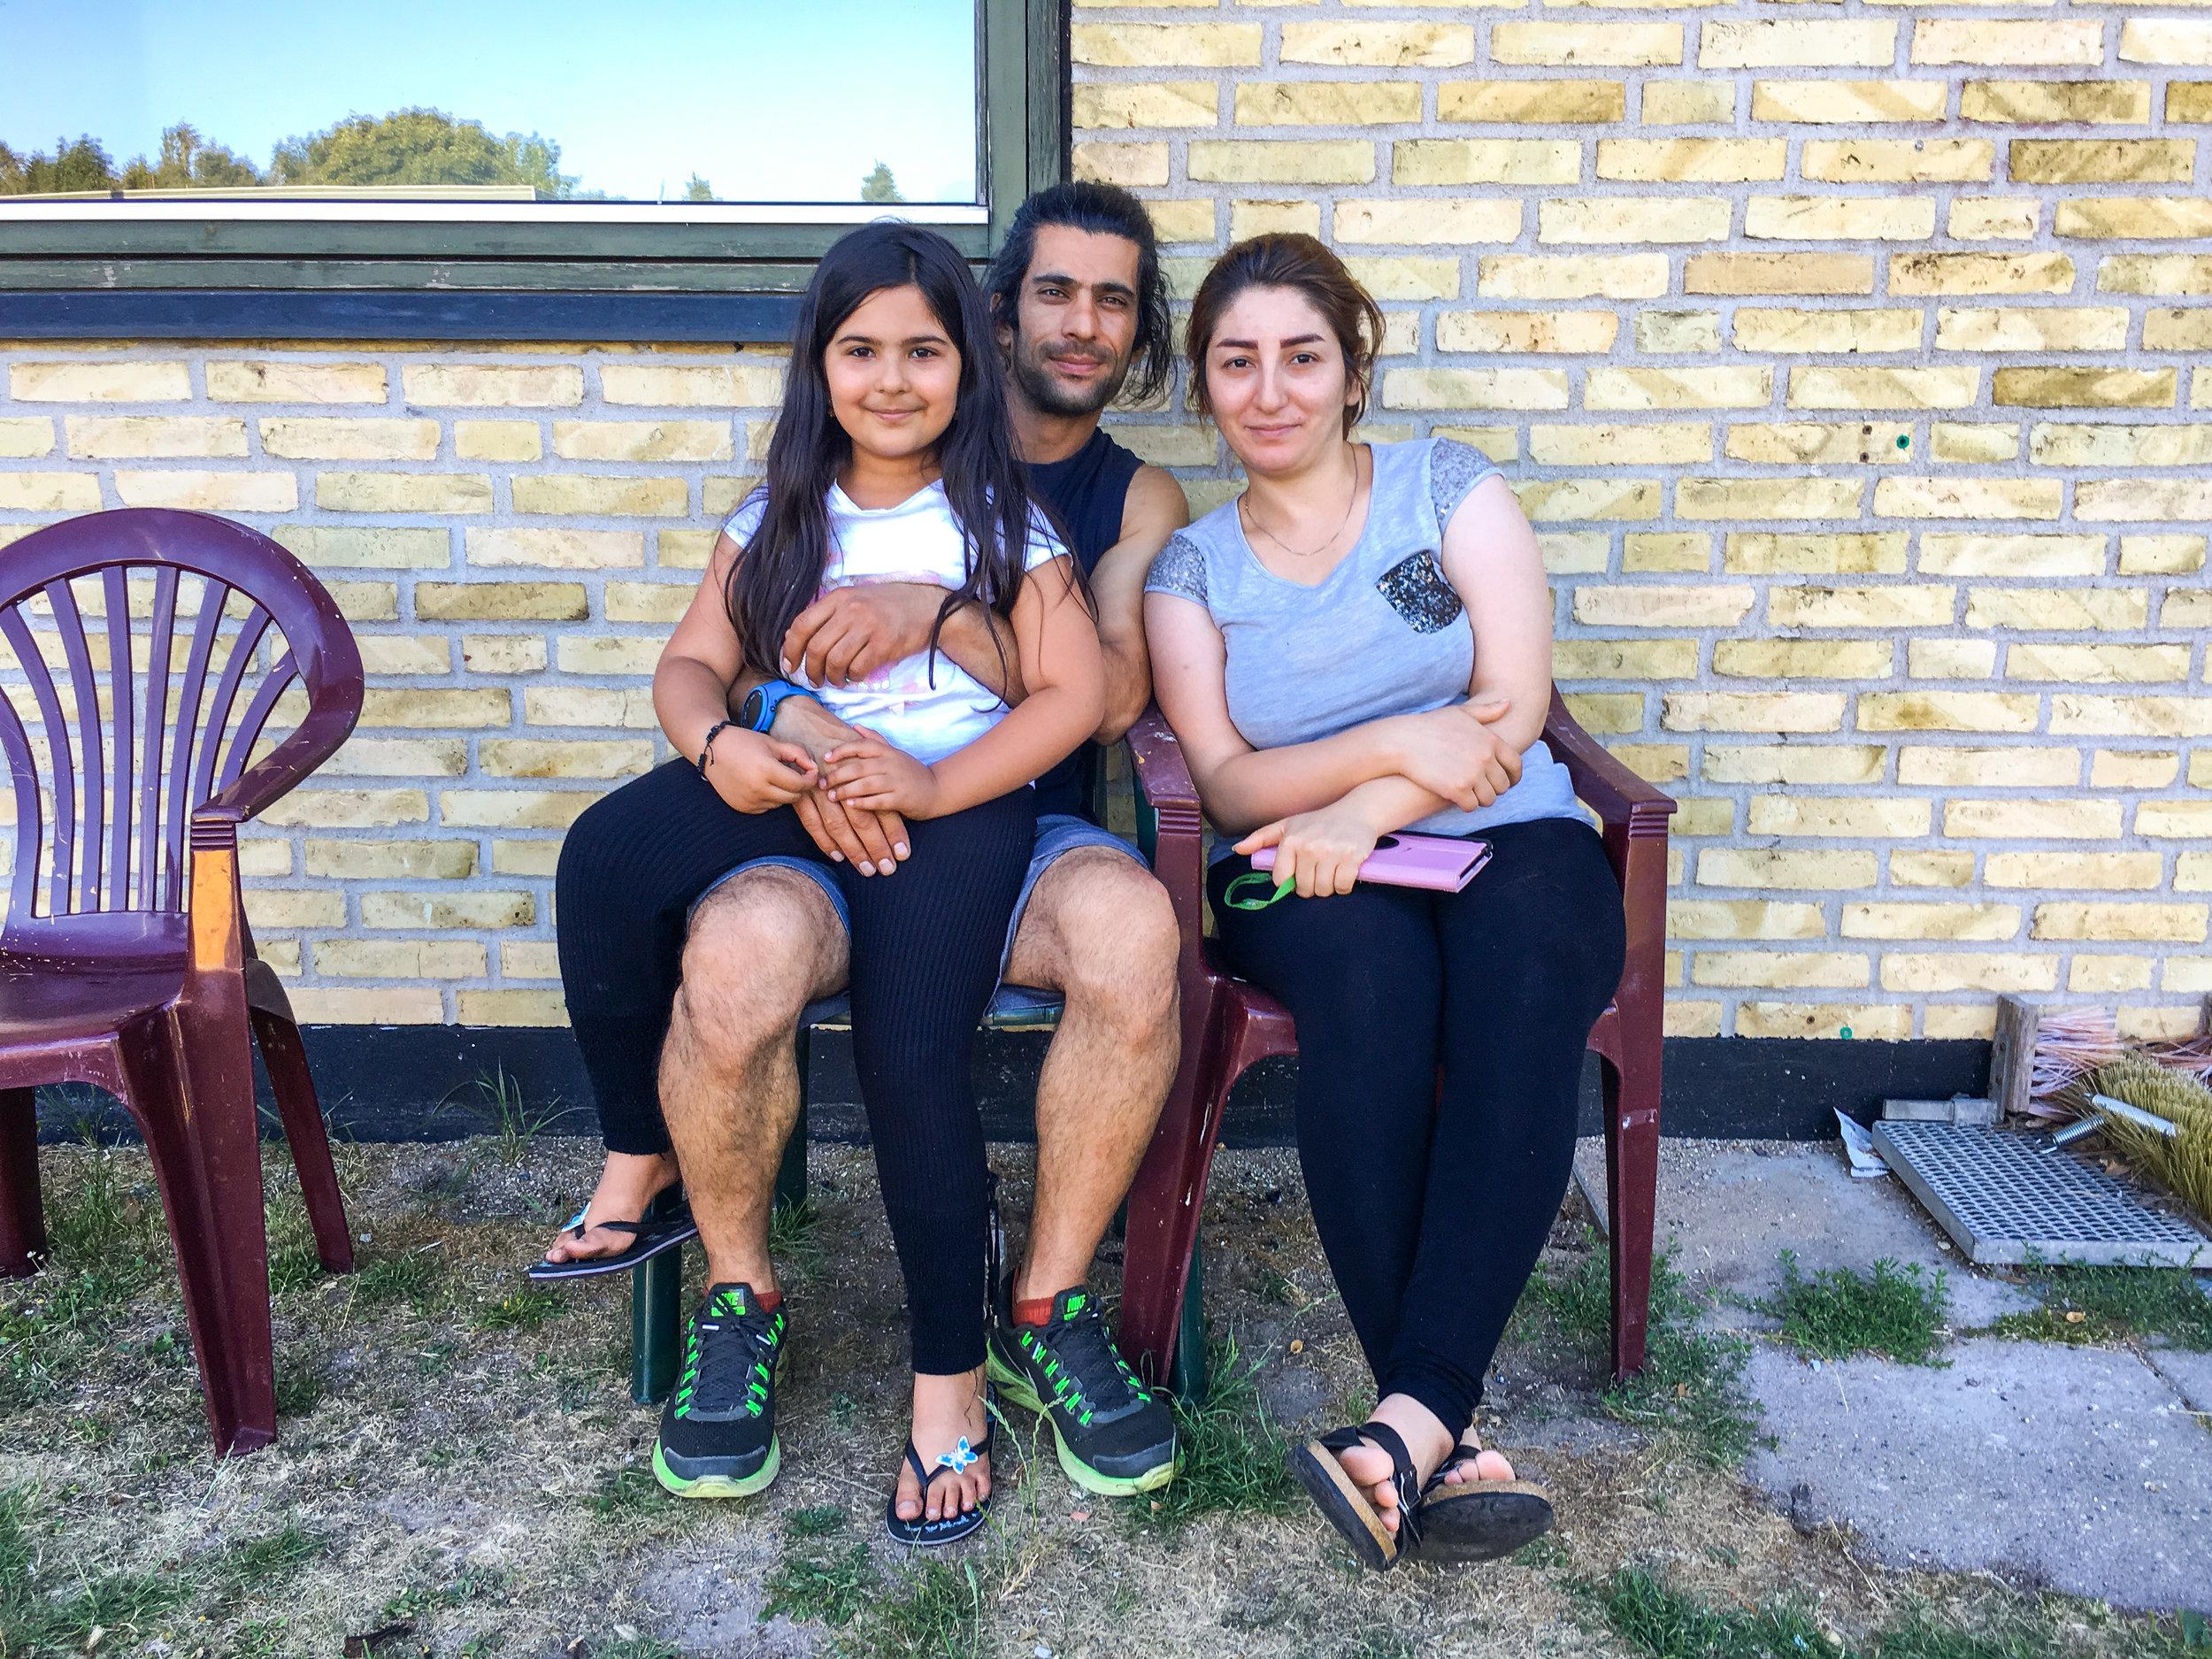 """Den bedste dag i lang tid - Jeg mødte Sirwan i 2015, da han ankom med flygtningestrømmen til teltlejren i Thisted, hvor jeg var begyndt at filme til en dokumentarfilm. Han var altid meget hjælpsom i lejren, med det praktiske og med oversættelser. Han stod klar som den første og blev ved til det sidste, selv da han humpede rundt efter et vrid i knæet. Jeg har haft ham og en gruppe flygtninge ude at surfe i Klitmøller, og vi har snakket bjergbestigning og Mountain Medicine, som han er uddannet i. Der er dog ikke mange bjerge i Danmark, men til gengæld har han nået en endnu vigtigere top i sit liv. Sirwan har nemlig fået ophold og fået sin kone og datter til Danmark efter ikke at have set dem i fem år. Nu bor de sammen med omkring 100 andre i en isoleret flygtningeenklave, på værelser og i små lejligheder med fælleskøkken. Vi bager to plader med kanelsnegle og sætter os på plastikstolene ude foran. Alle der kommer forbi får en kanelsnegl. Børnene hjuler afsted på plastiktraktorer og løbecykler, mændene sætter sig i små grupper rundt omkring, ryger vandpipe og ser Youtube-videoer. Der skal ikke ske noget. Vi sidder bare i stolene, spiser og kigger. """"Det her er den bedste dag i lang tid,"""" er der en der siger."""